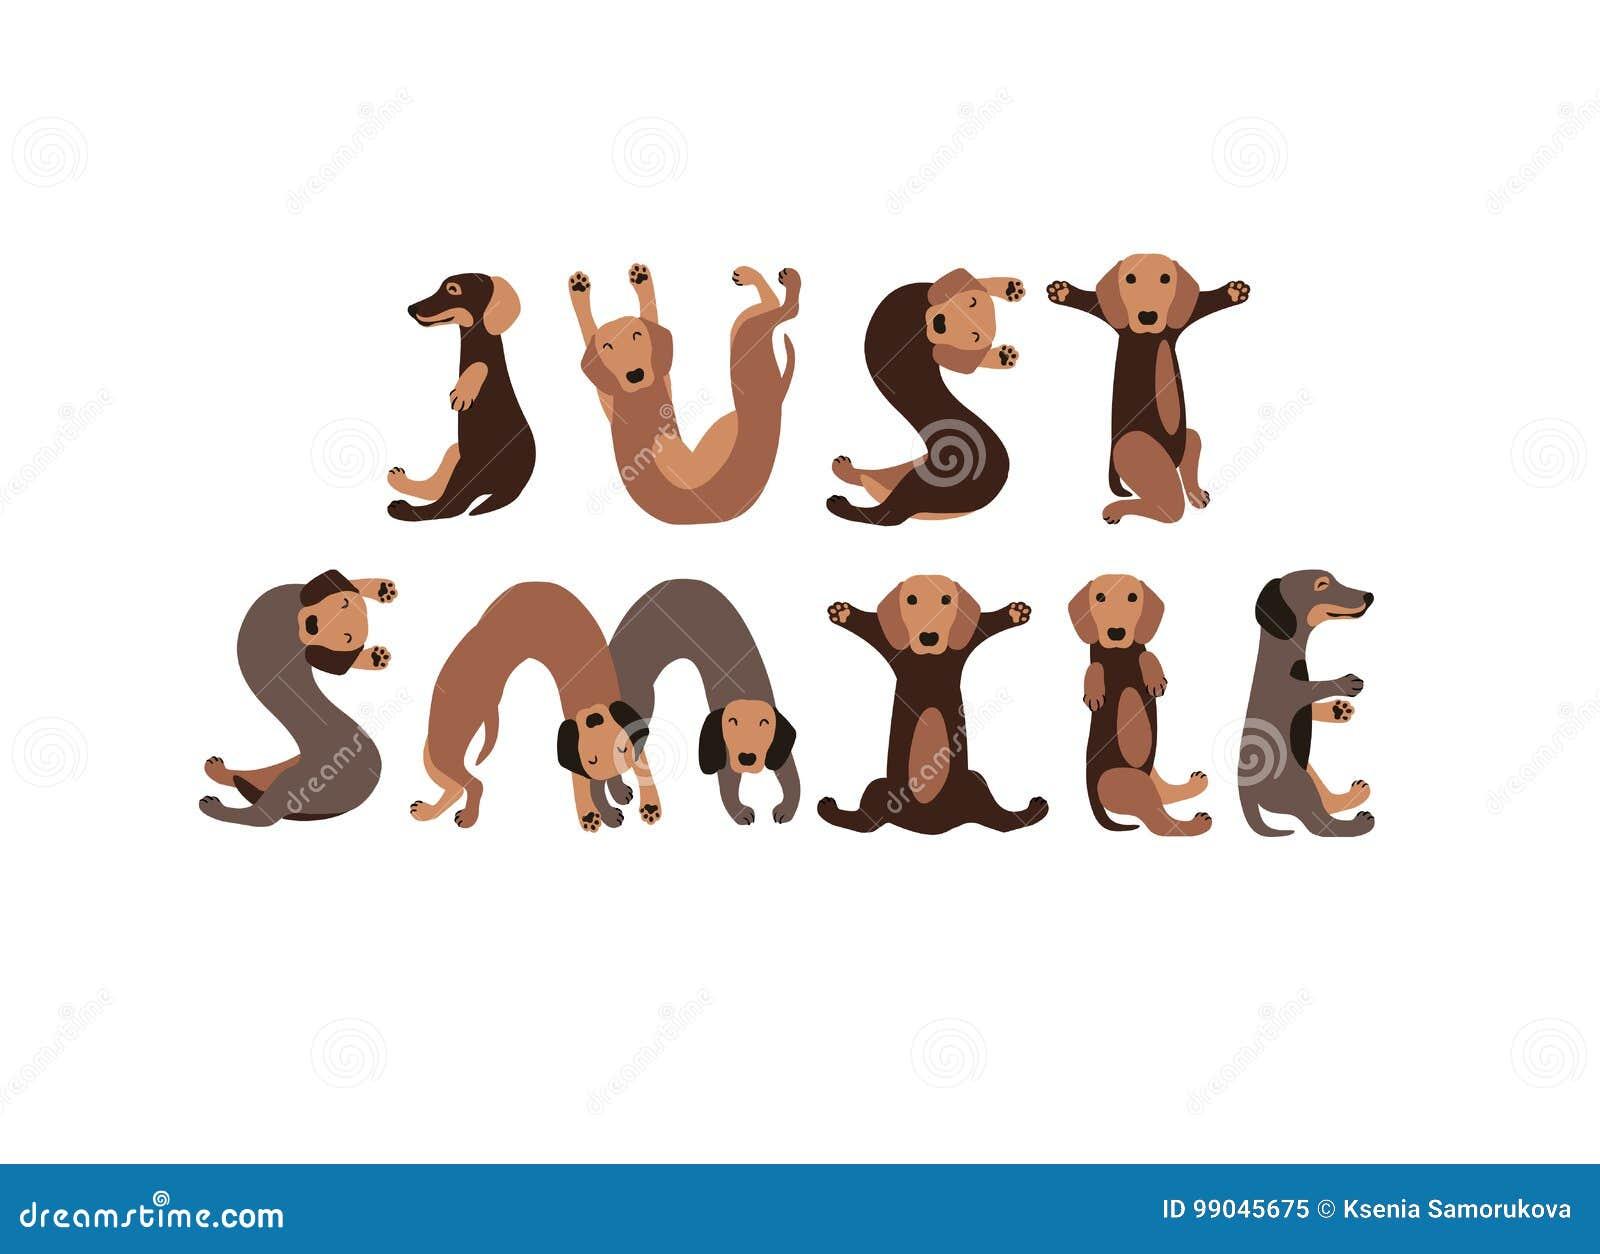 Bara leende Taxhundkapplöpningbokstäver